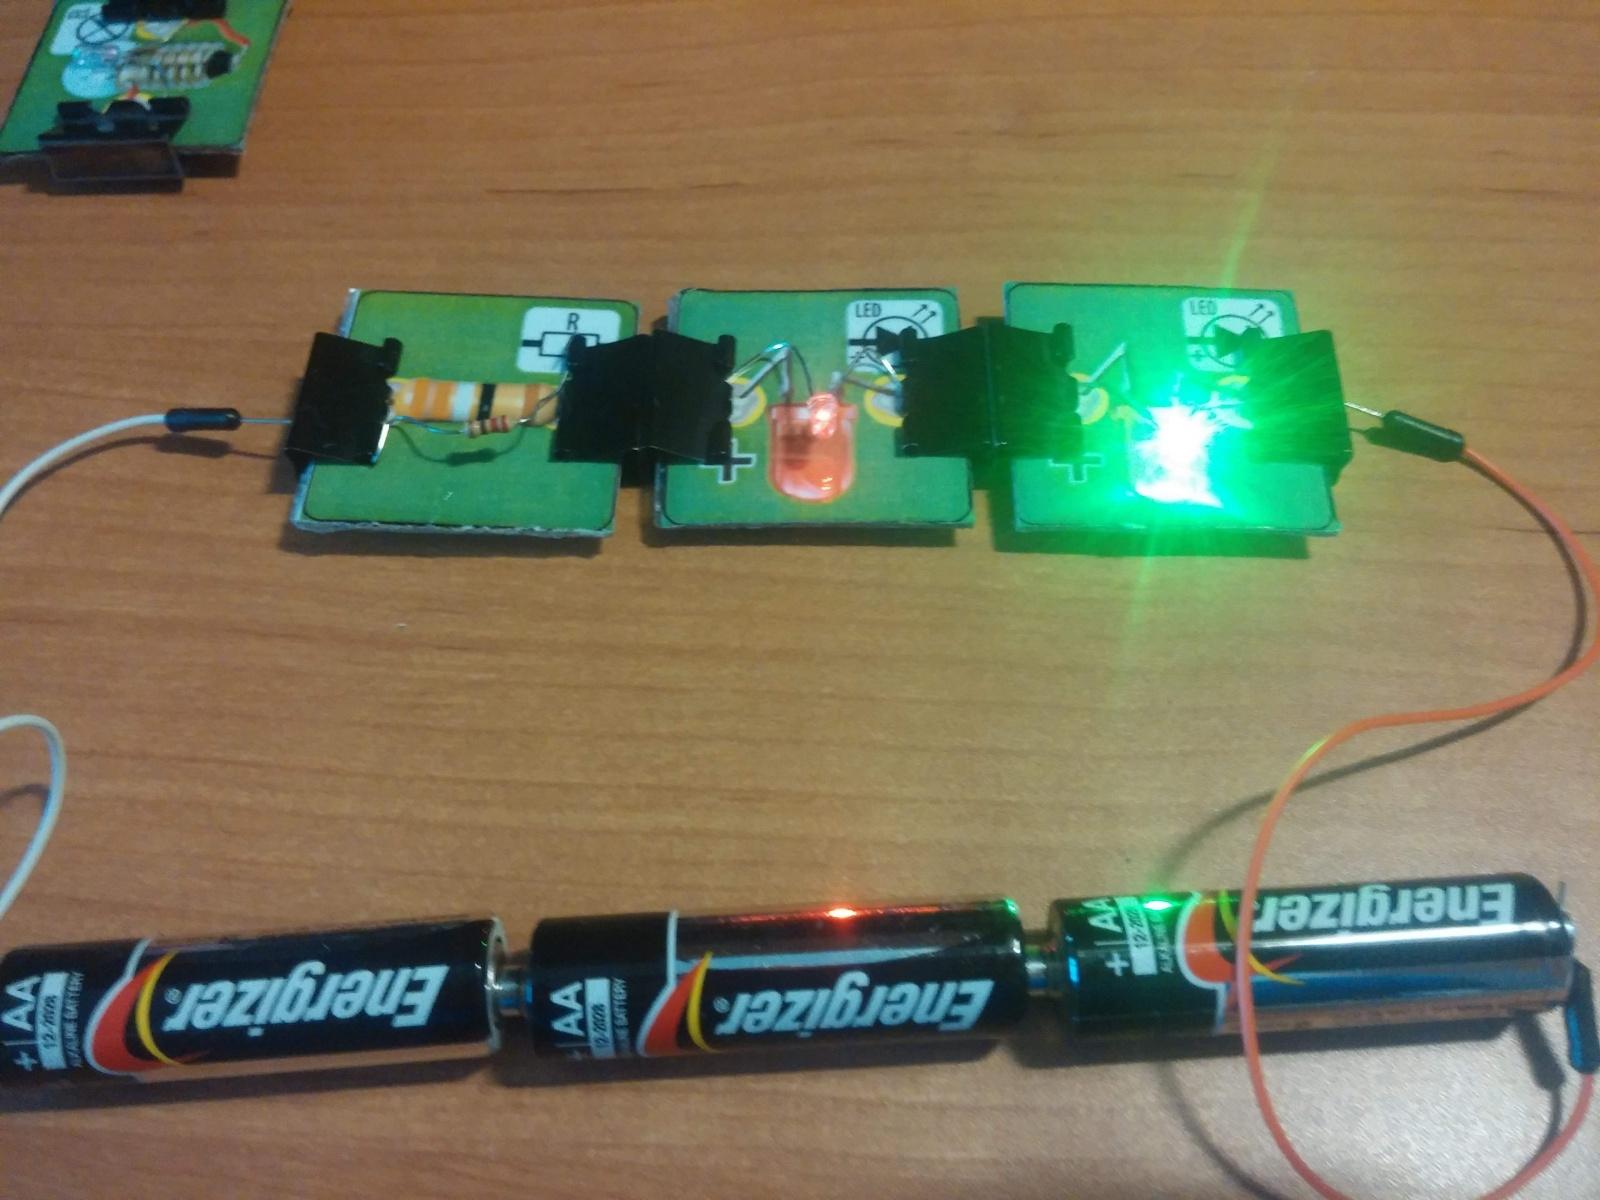 Превращаем картонную электрическую схему в настоящую или как сделать простой конструктор из настольной игры - 11